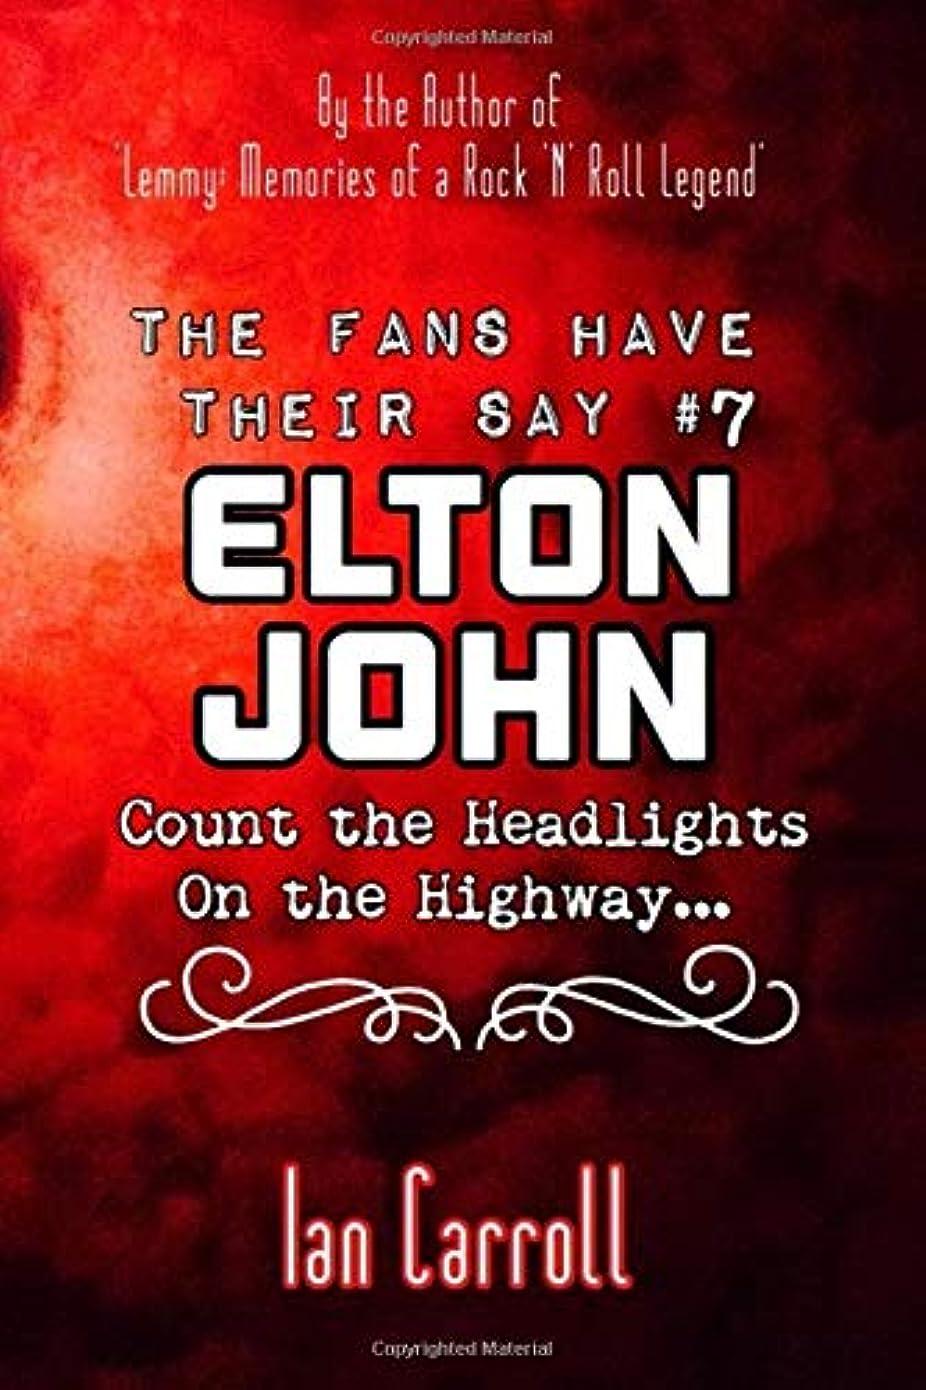 カバレッジ虎コンデンサーThe Fans Have Their Say #7 Elton John : Count the Headlights on the Highway...